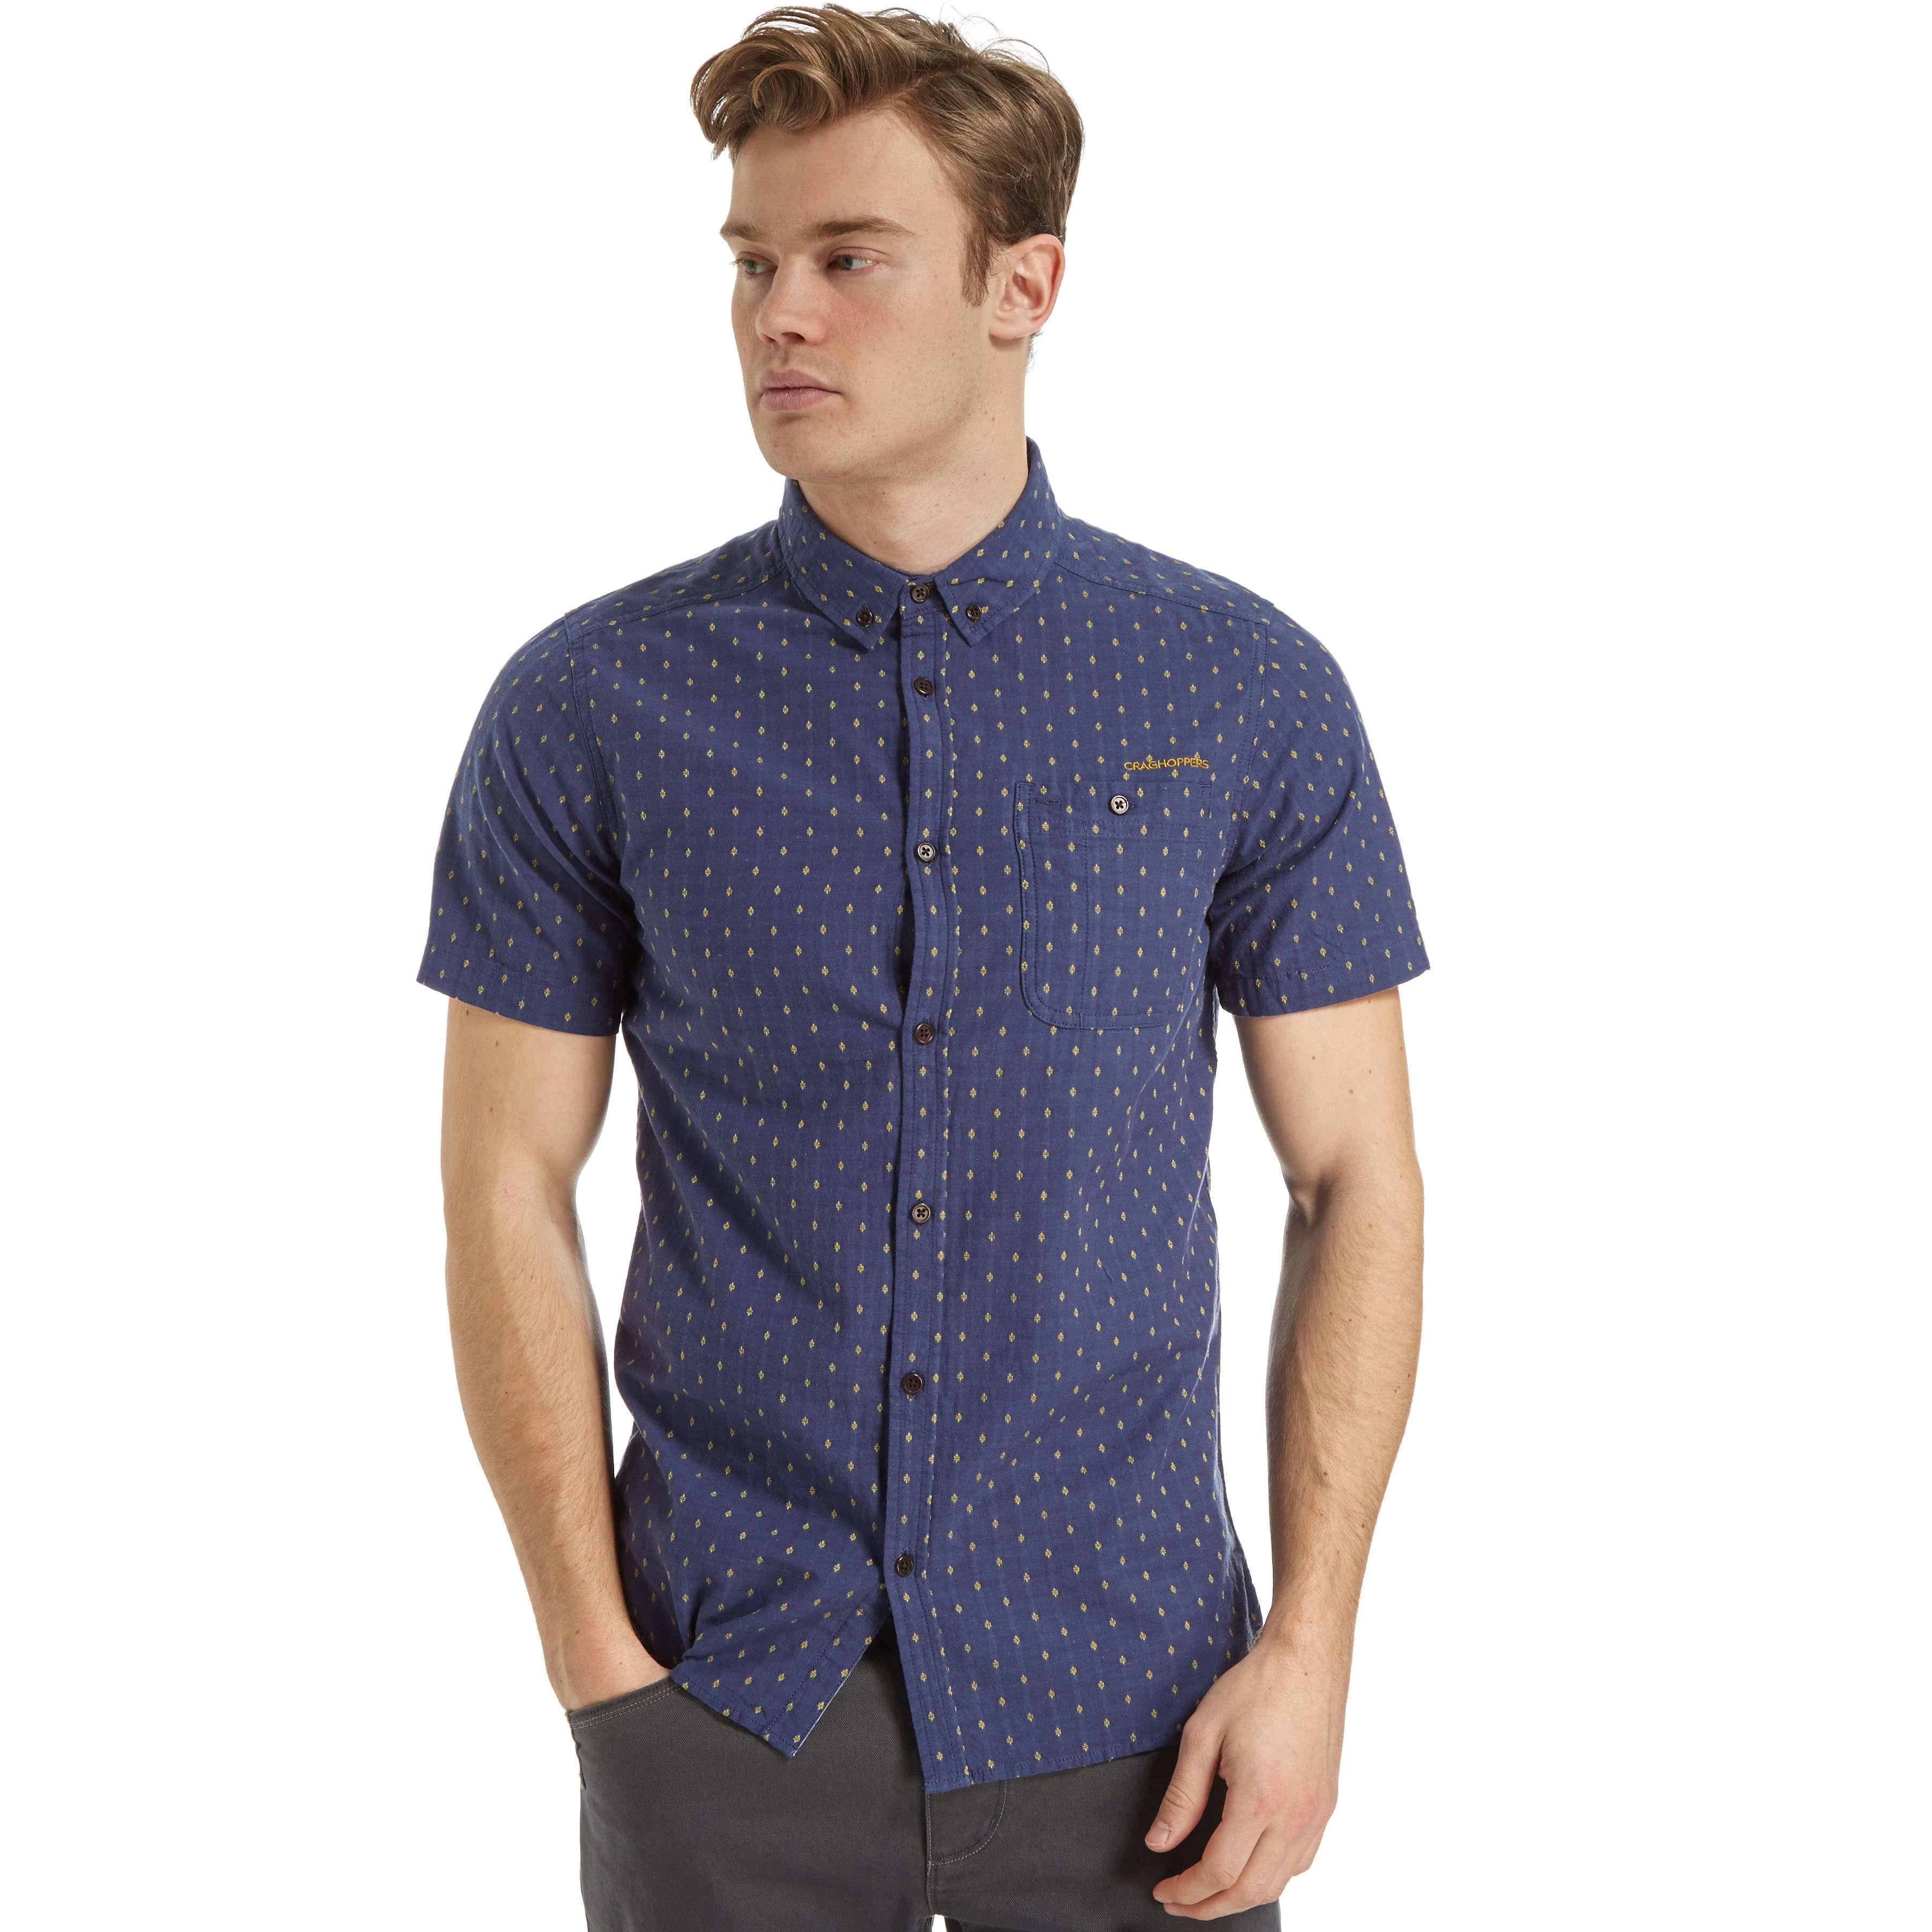 CRAGHOPPERS Men's Edmond Short Sleeved Shirt